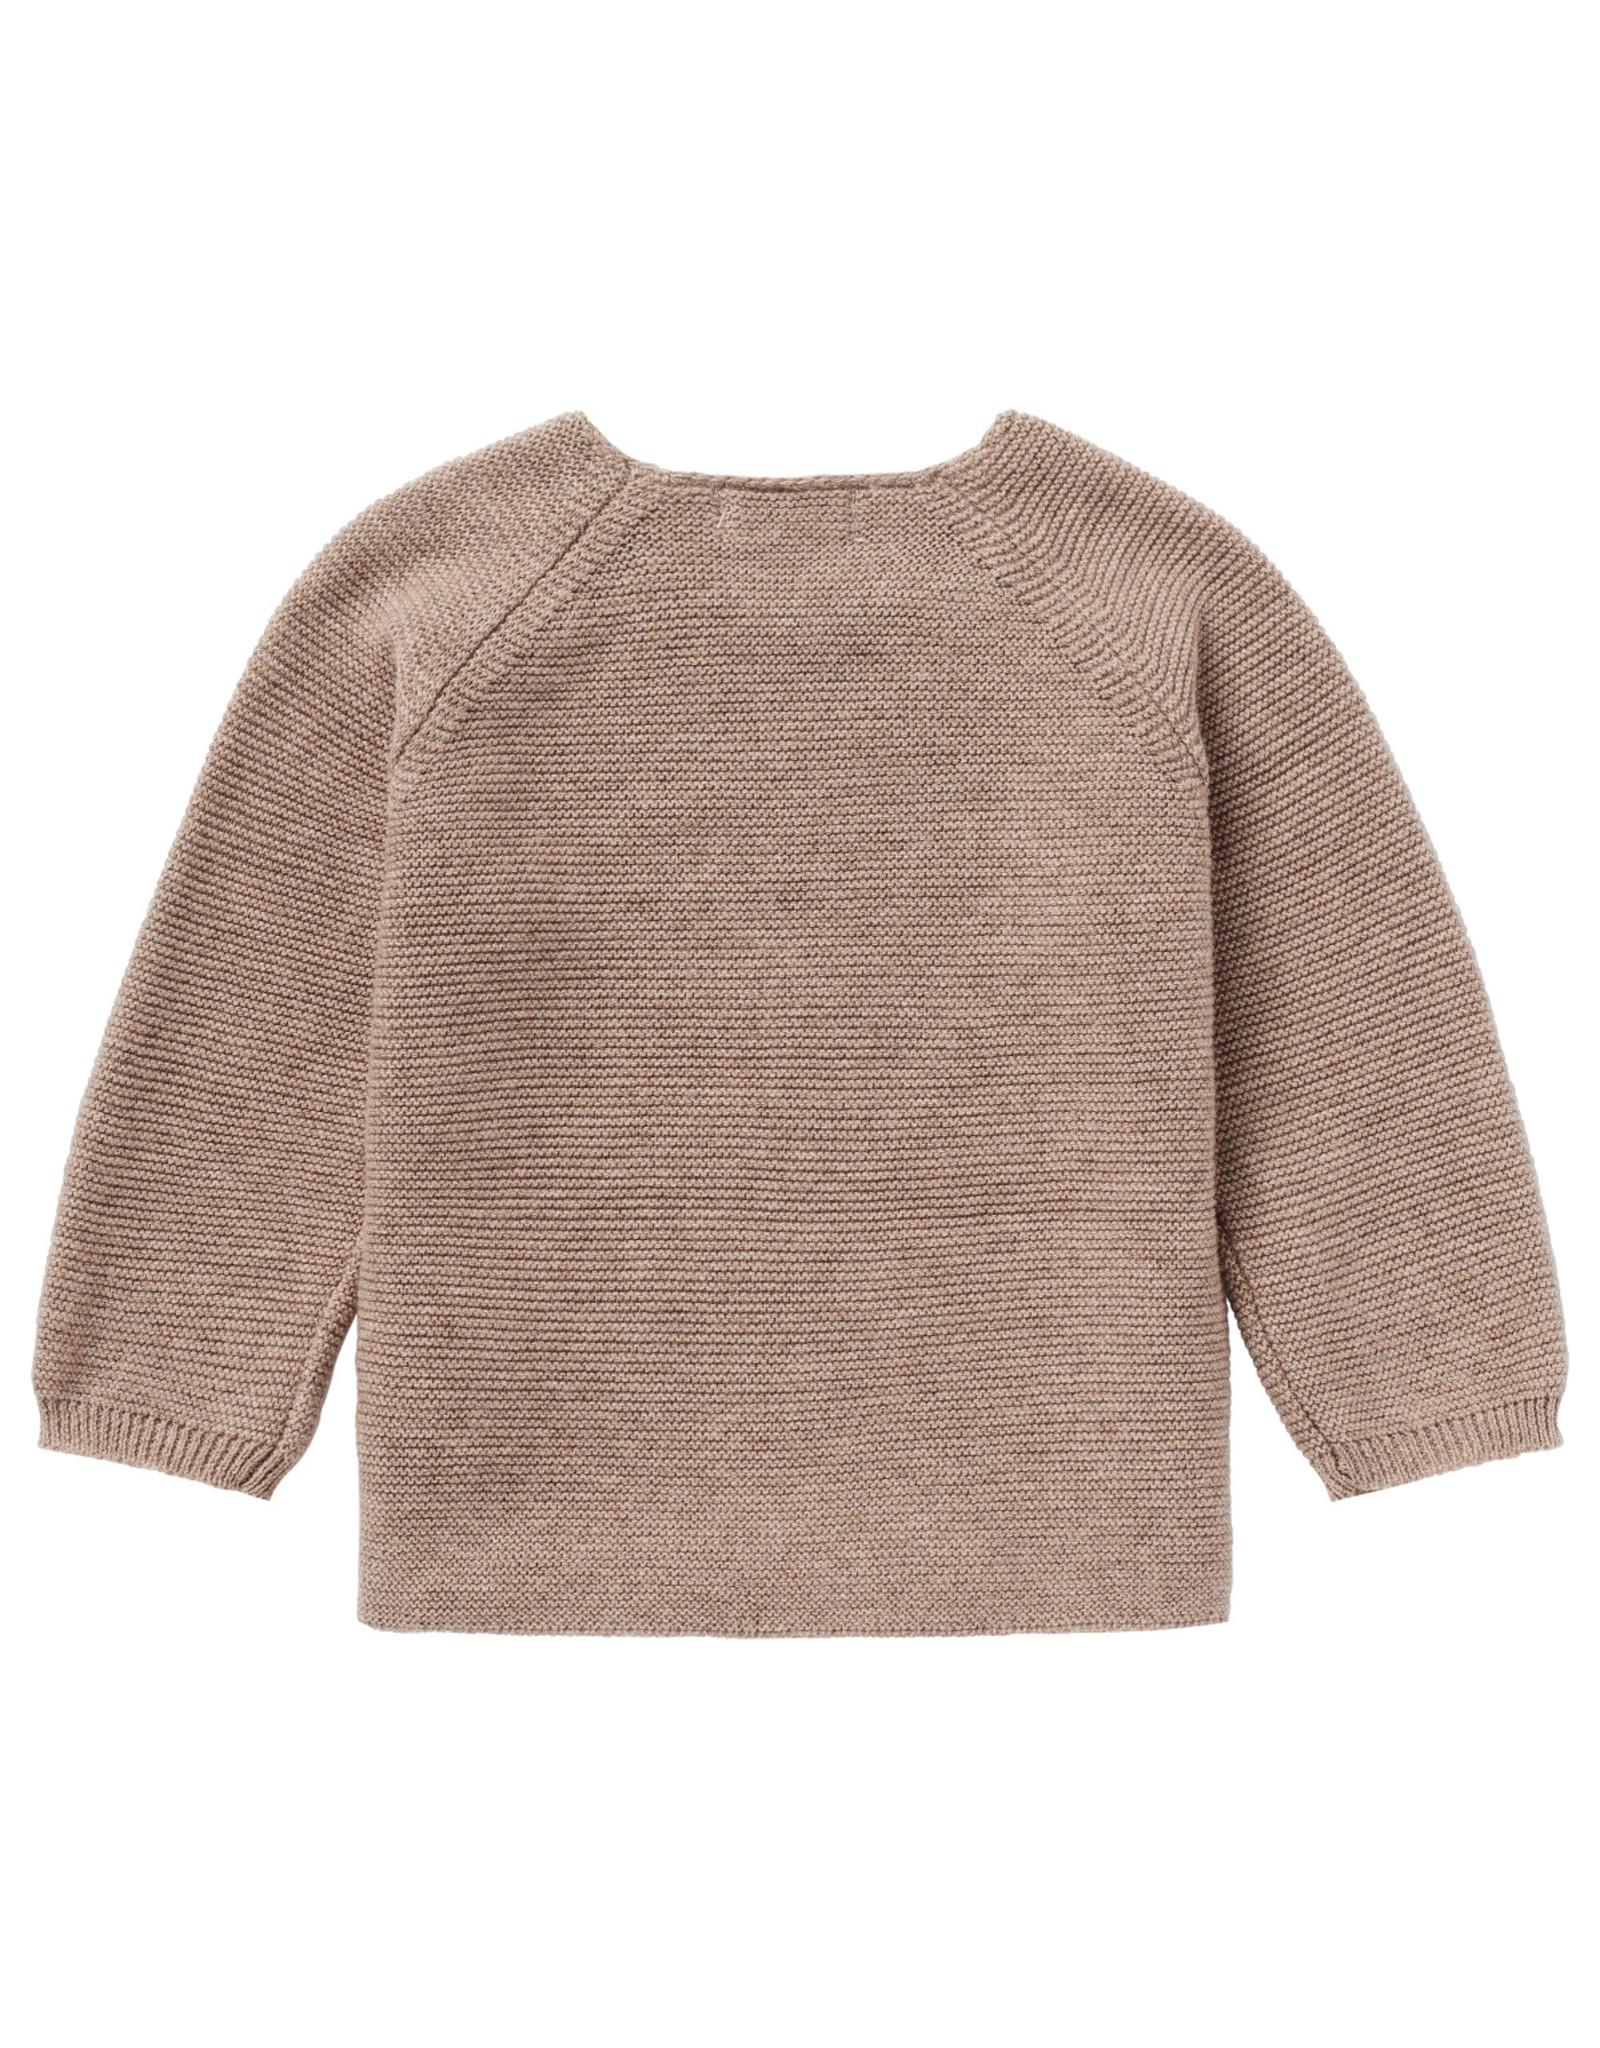 Noppies U Cardigan Knit ls Pino Taupe Melange